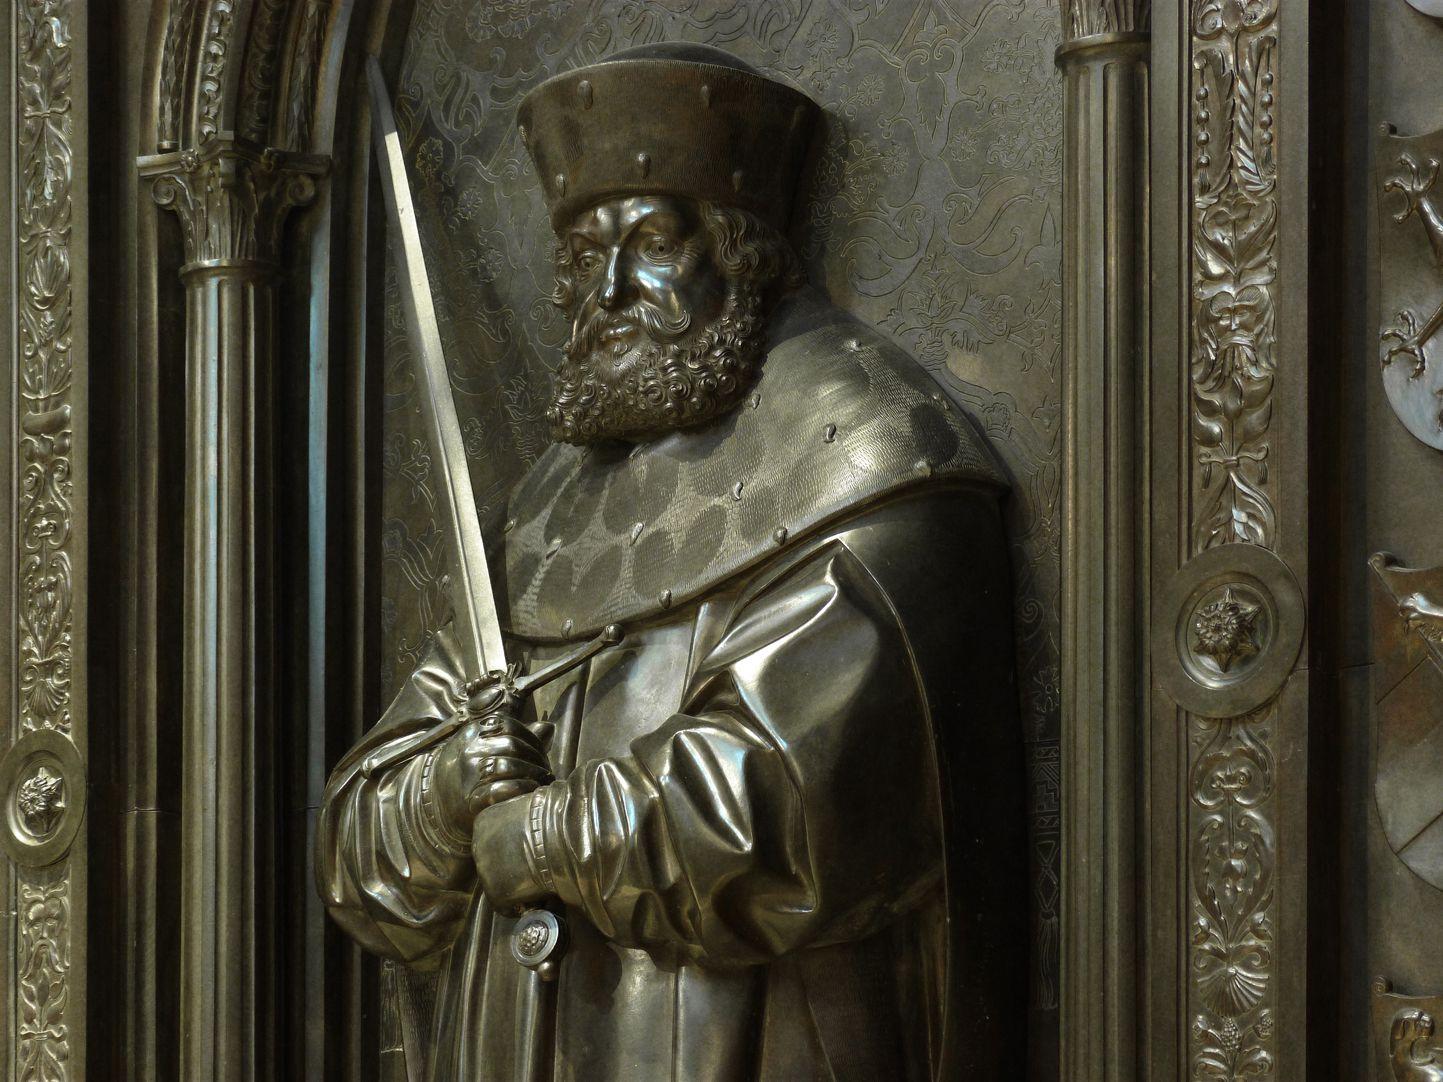 Grabmal Friedrichs des Weisen (Wittenberg) Friedrich der Weise im Kurfürstenornat mit dem Schwert des Erzmarschalls, Detail, Schrägansicht